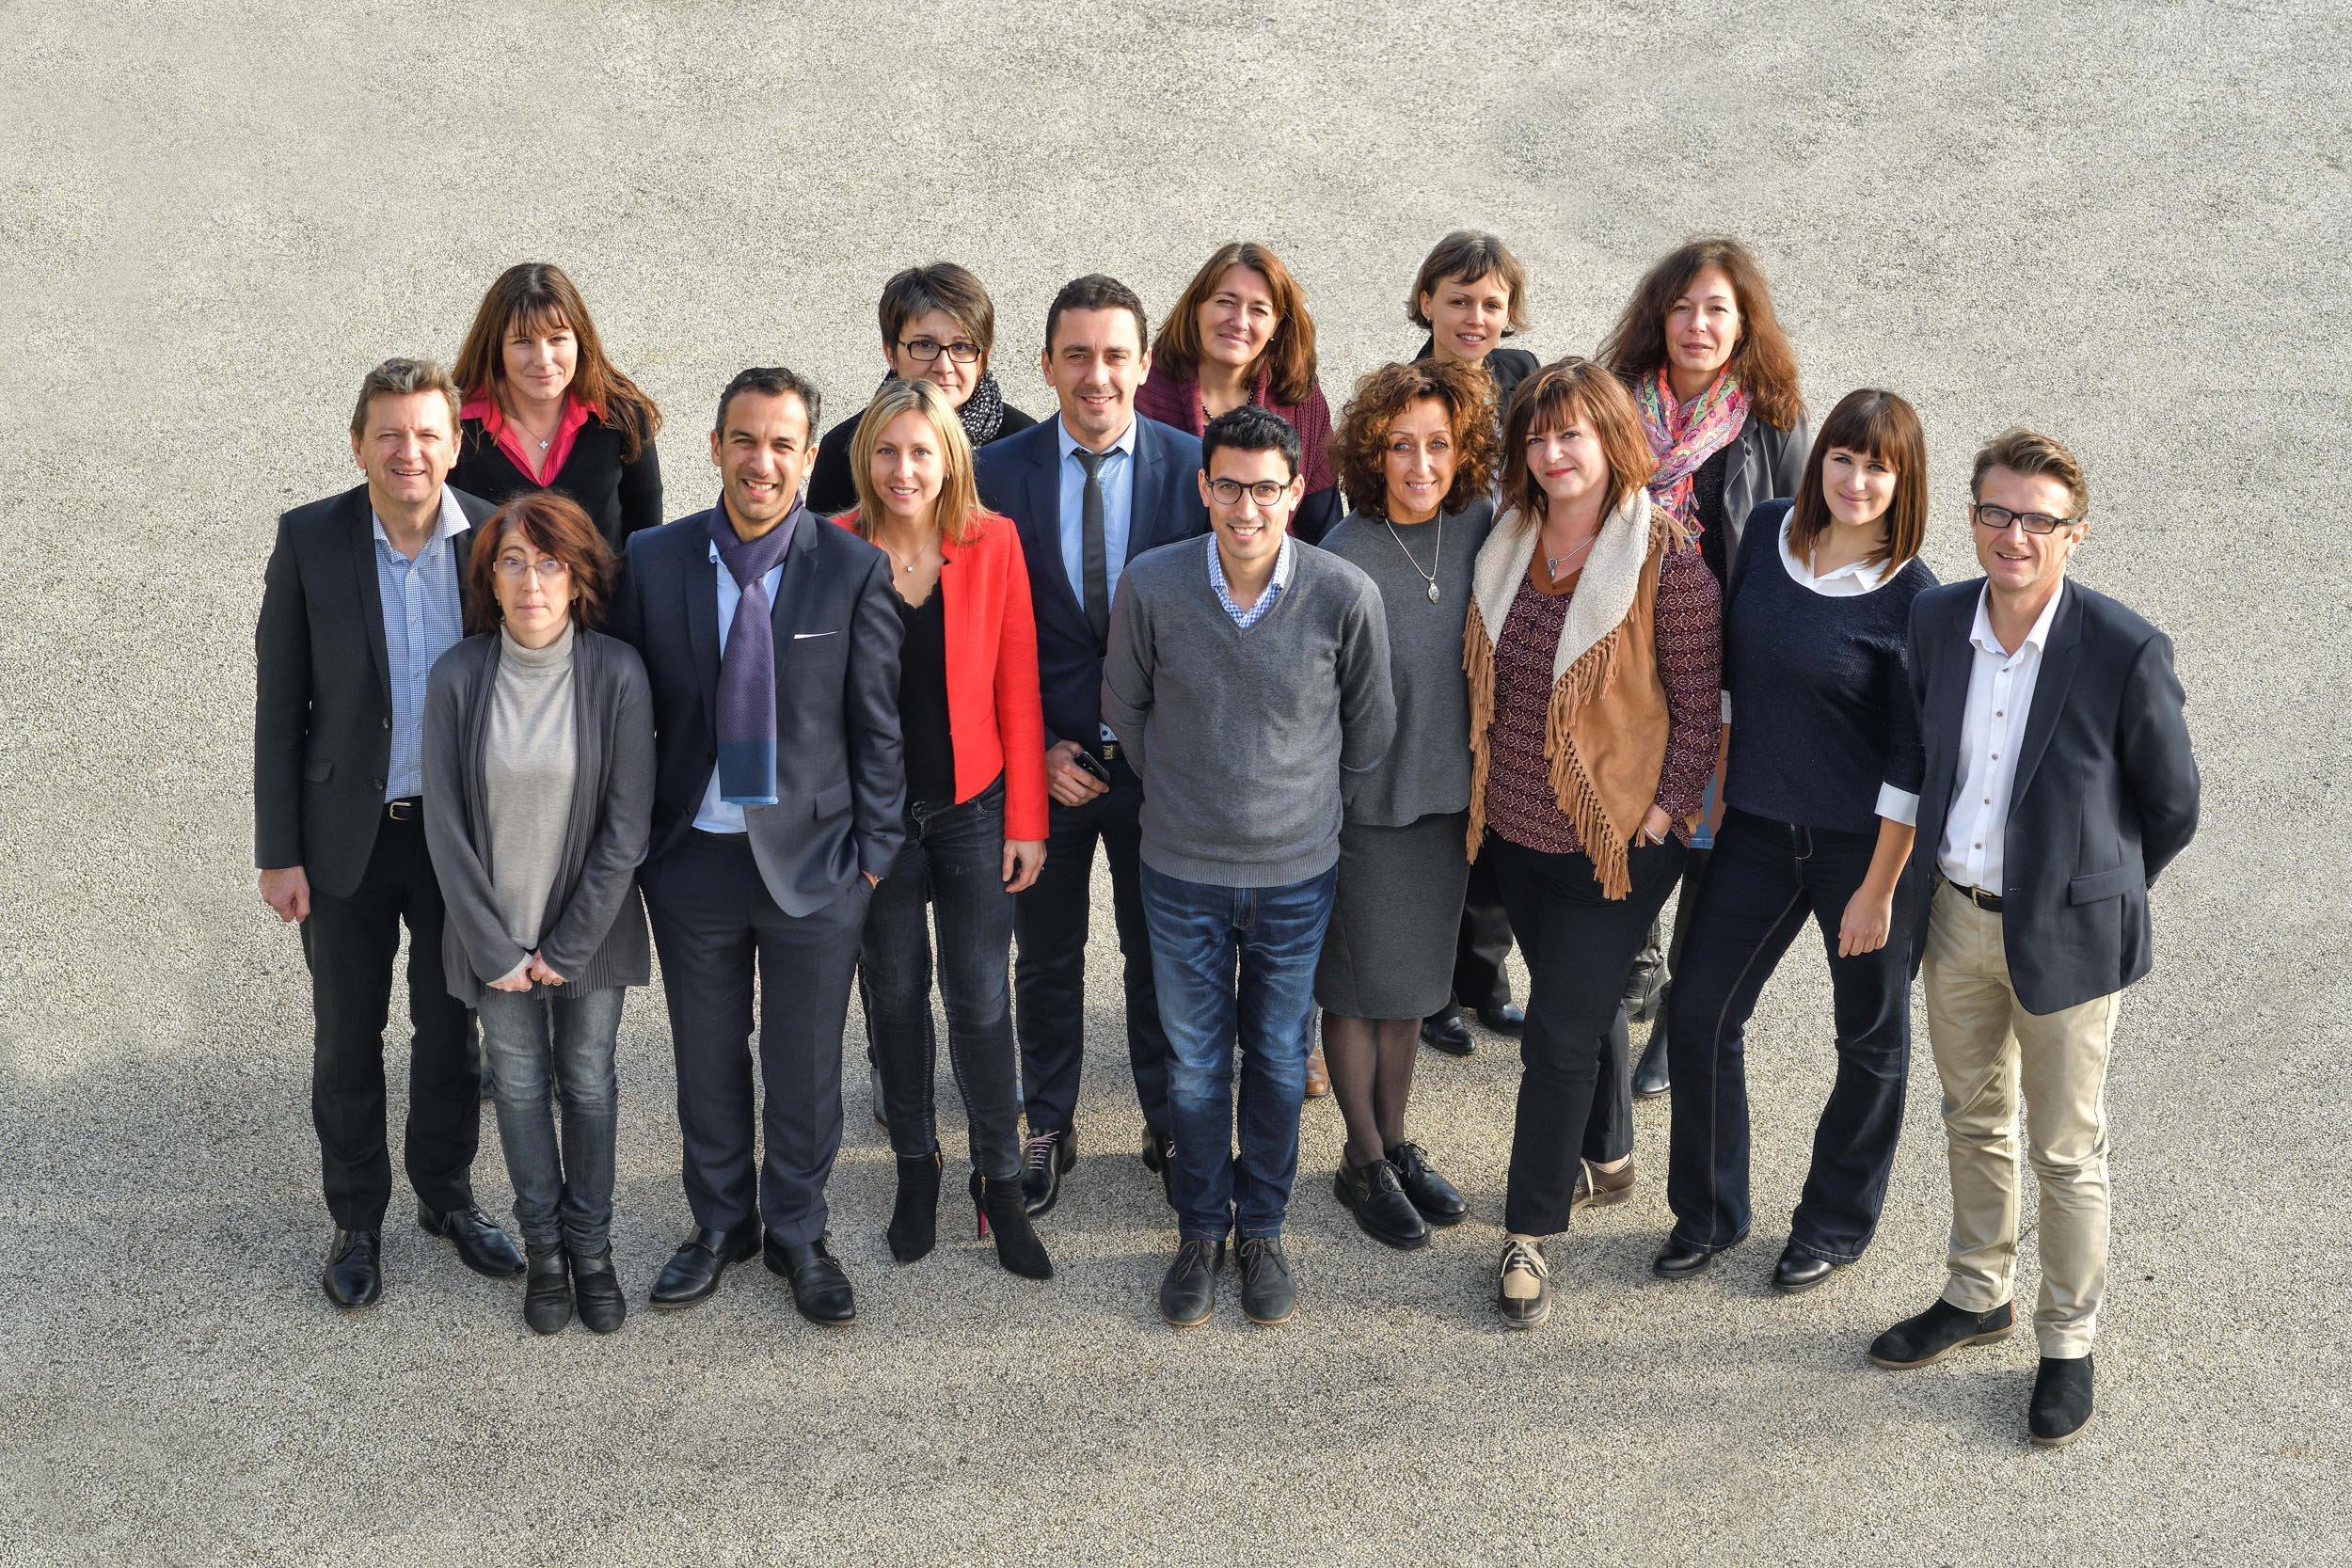 L'équipe du département Développement économique et Attractivité de Valence Romans Agglo, qui gère le parc d'activités de Rovaltain Valernce TGV